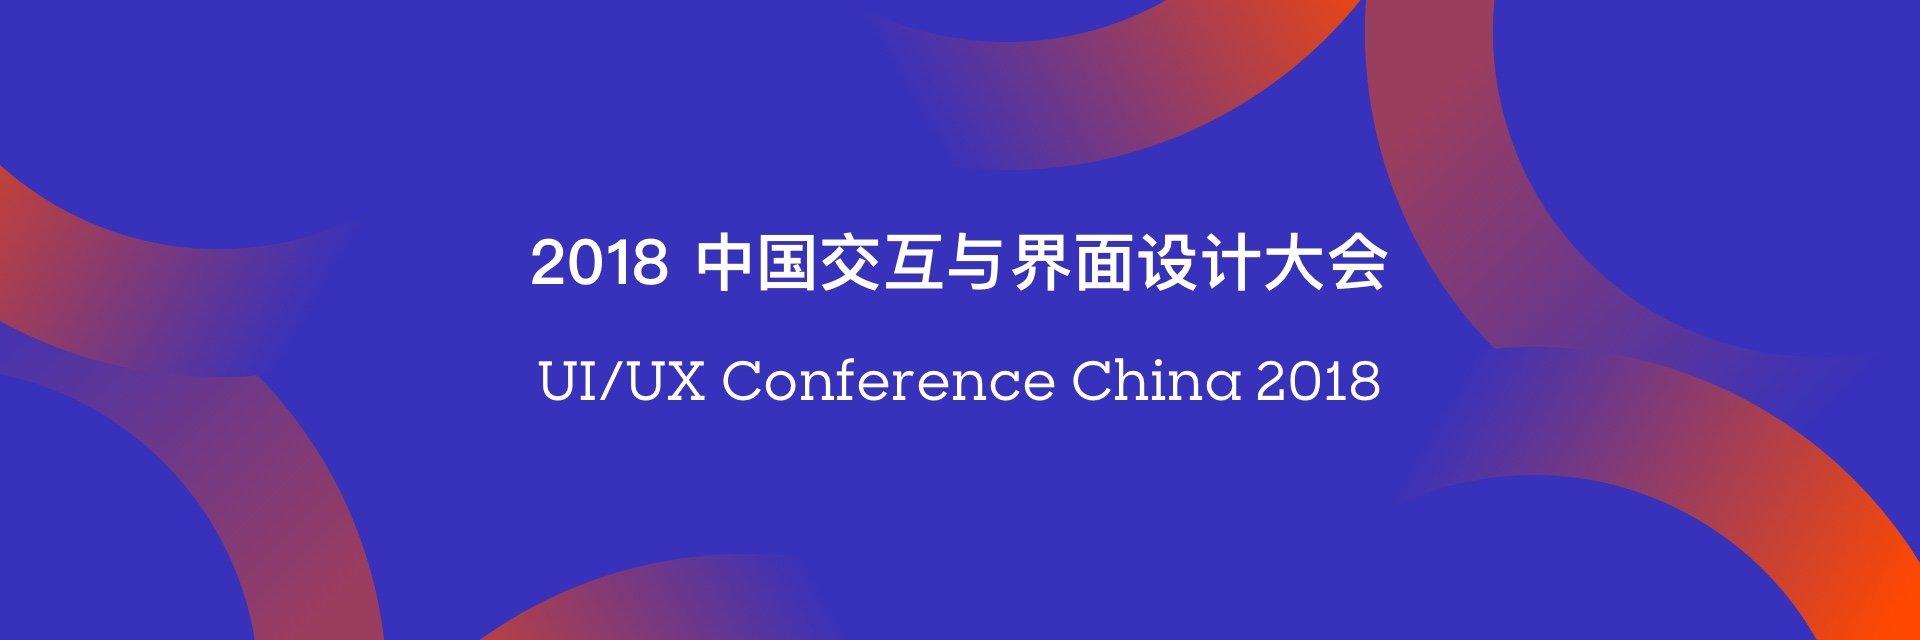 2018 中国交互与界面设计大会